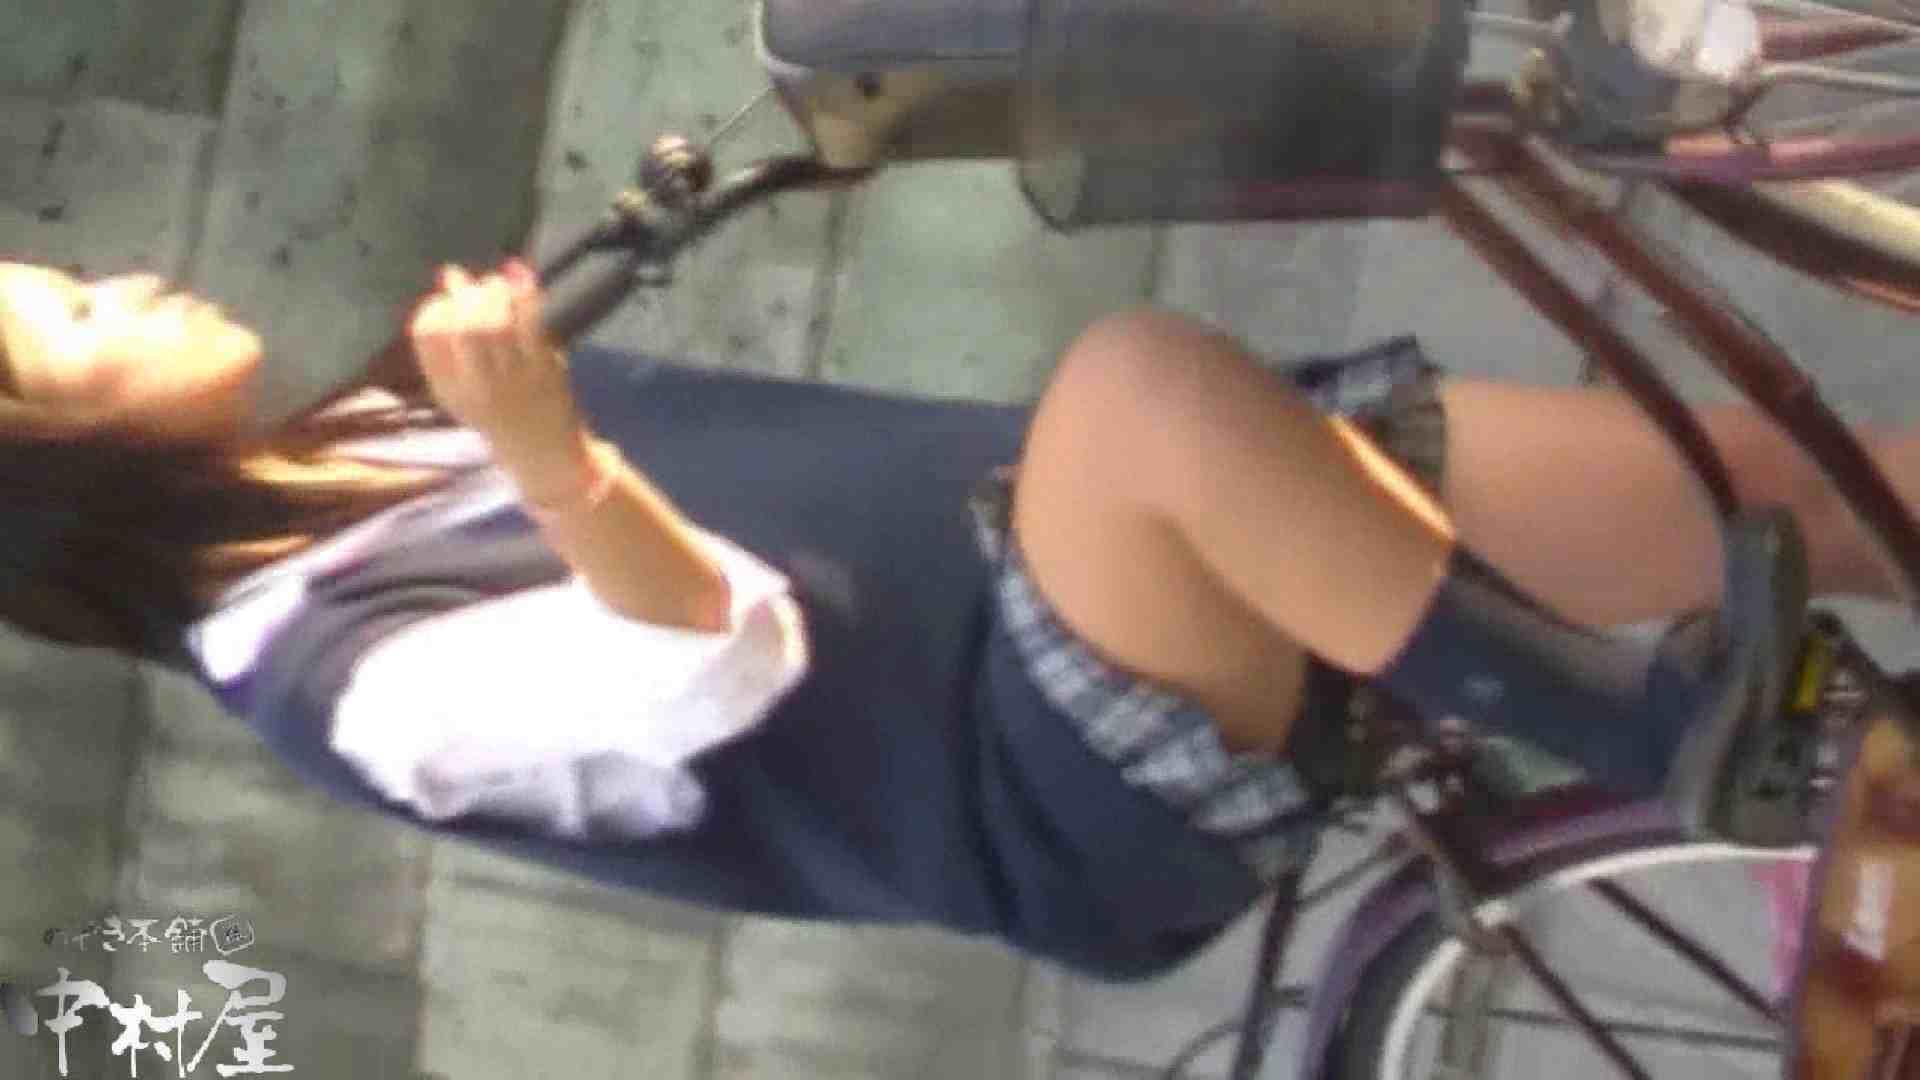 ドキドキ❤新入生パンチラ歓迎会vol.16 乙女のエロ動画 ワレメ無修正動画無料 95PIX 87